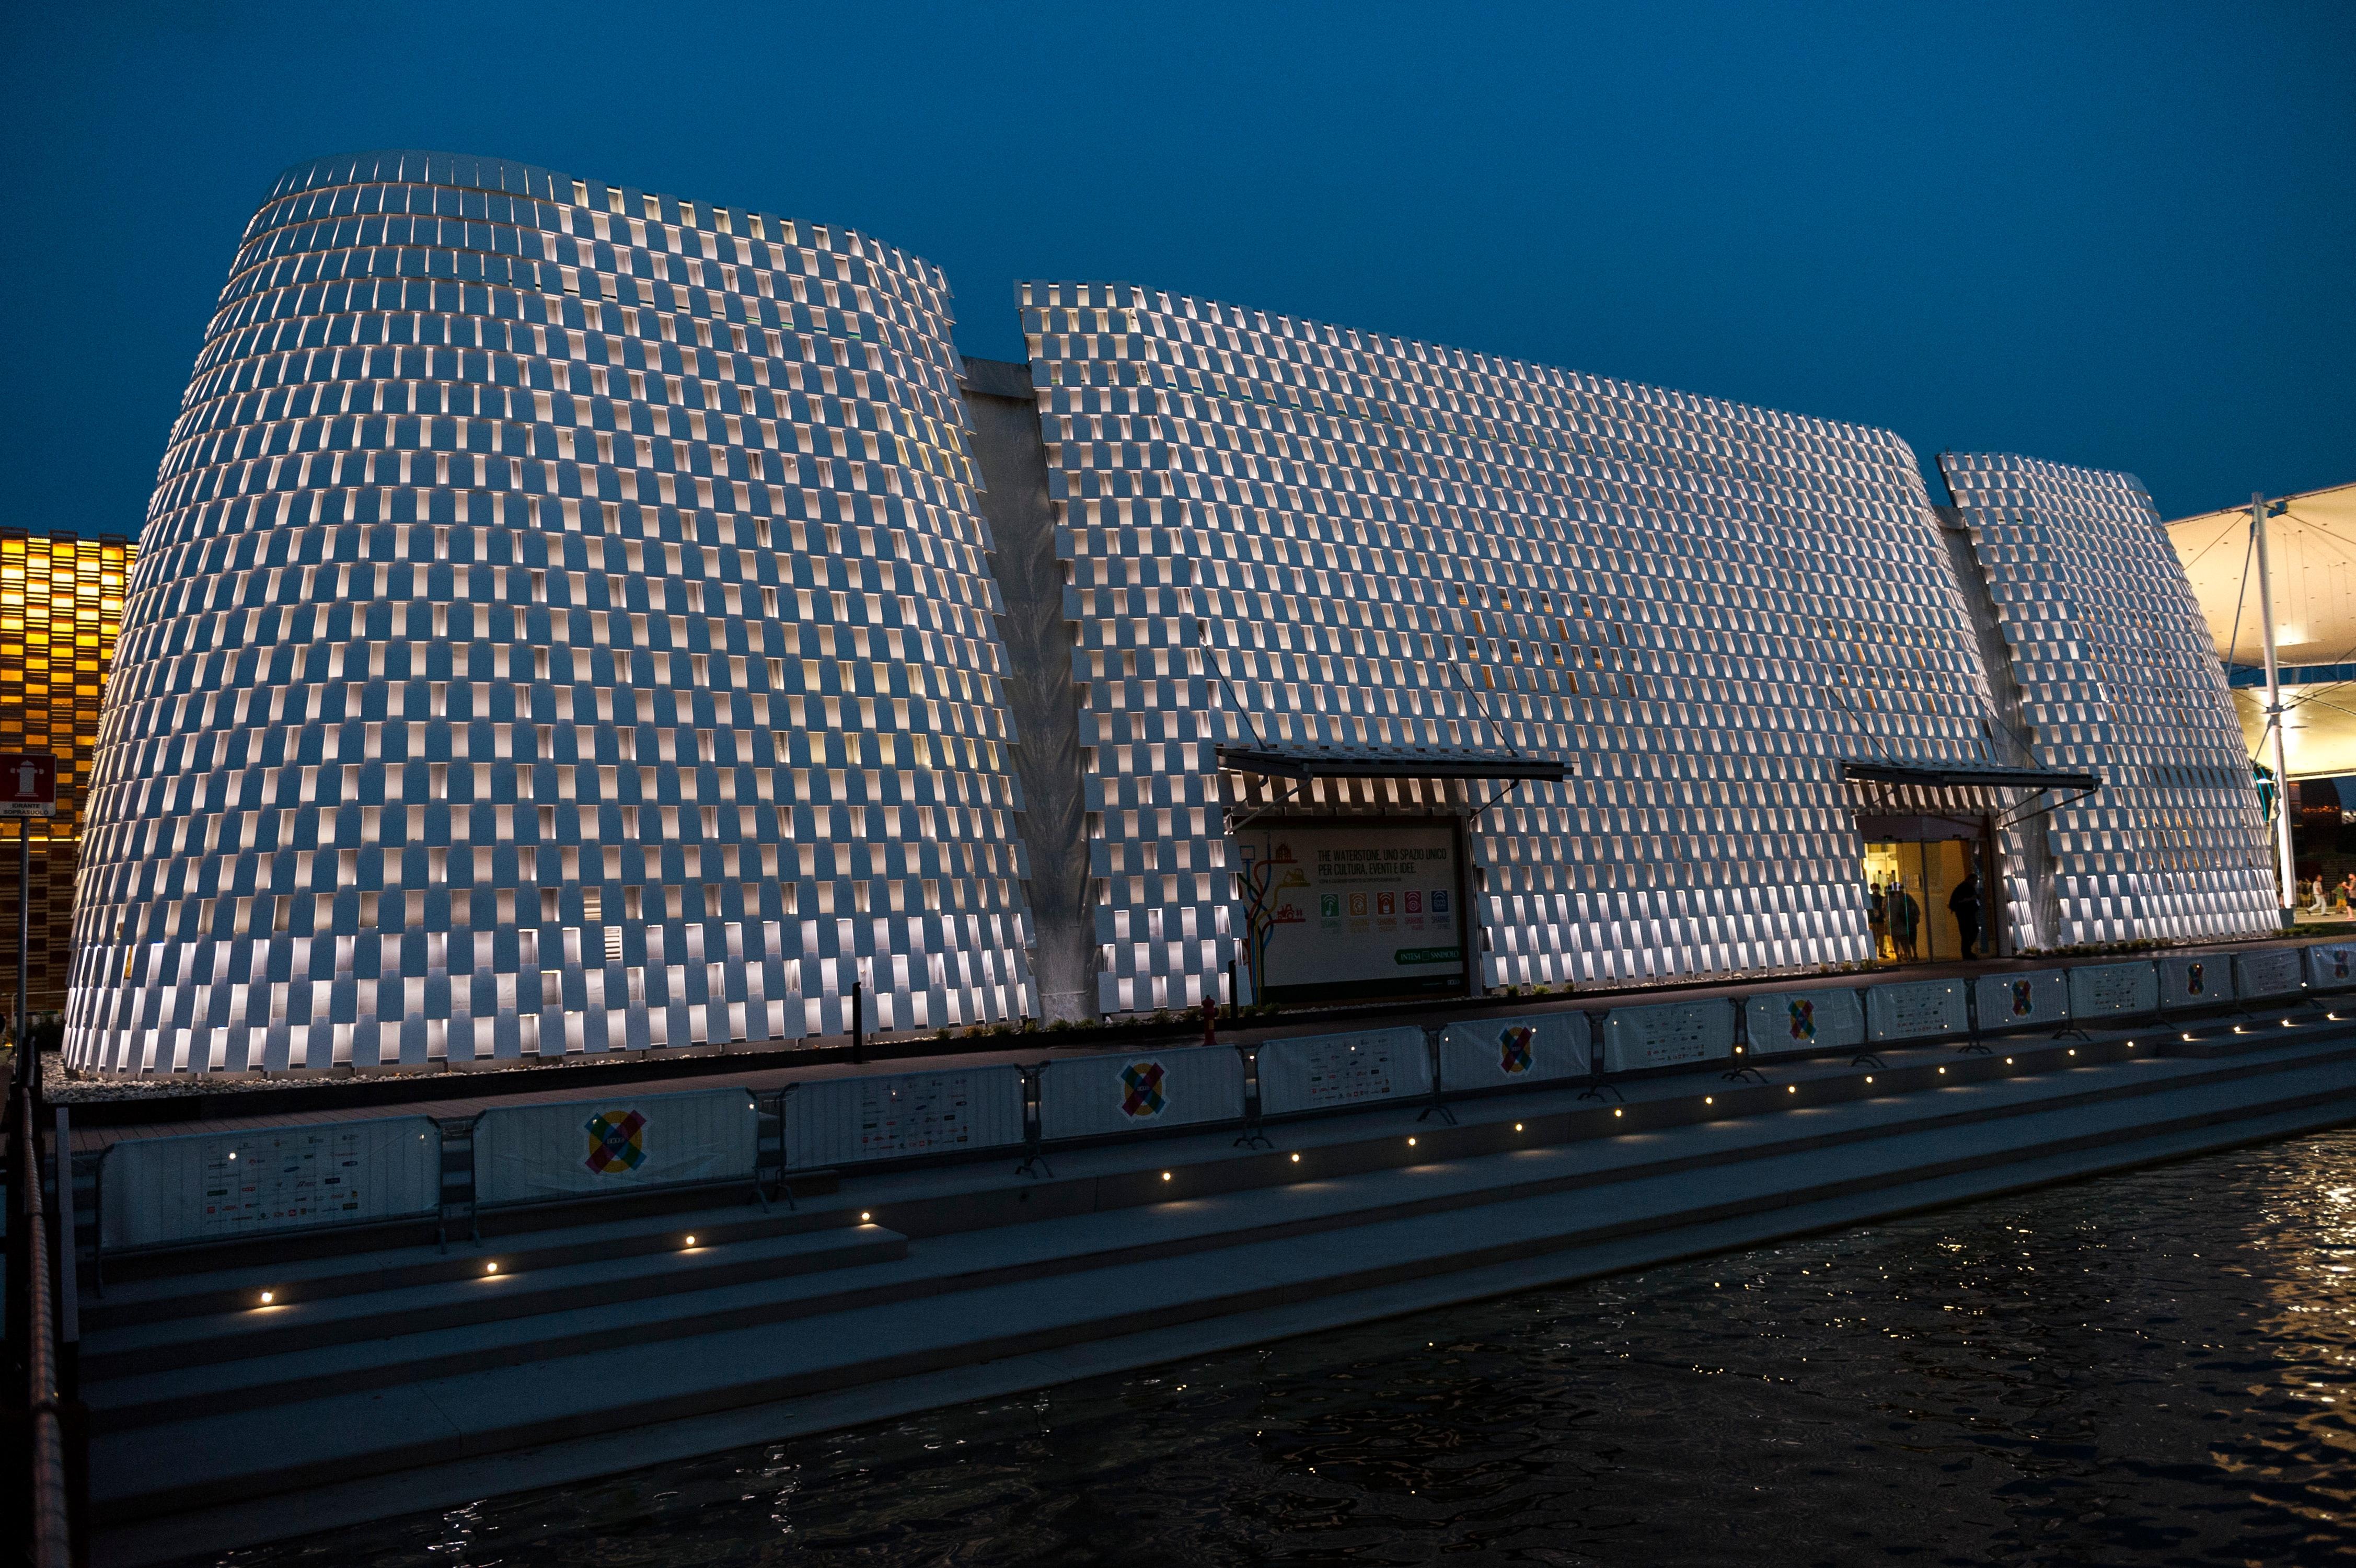 La luce di Artemide illumina i Padiglioni di Expo 2015